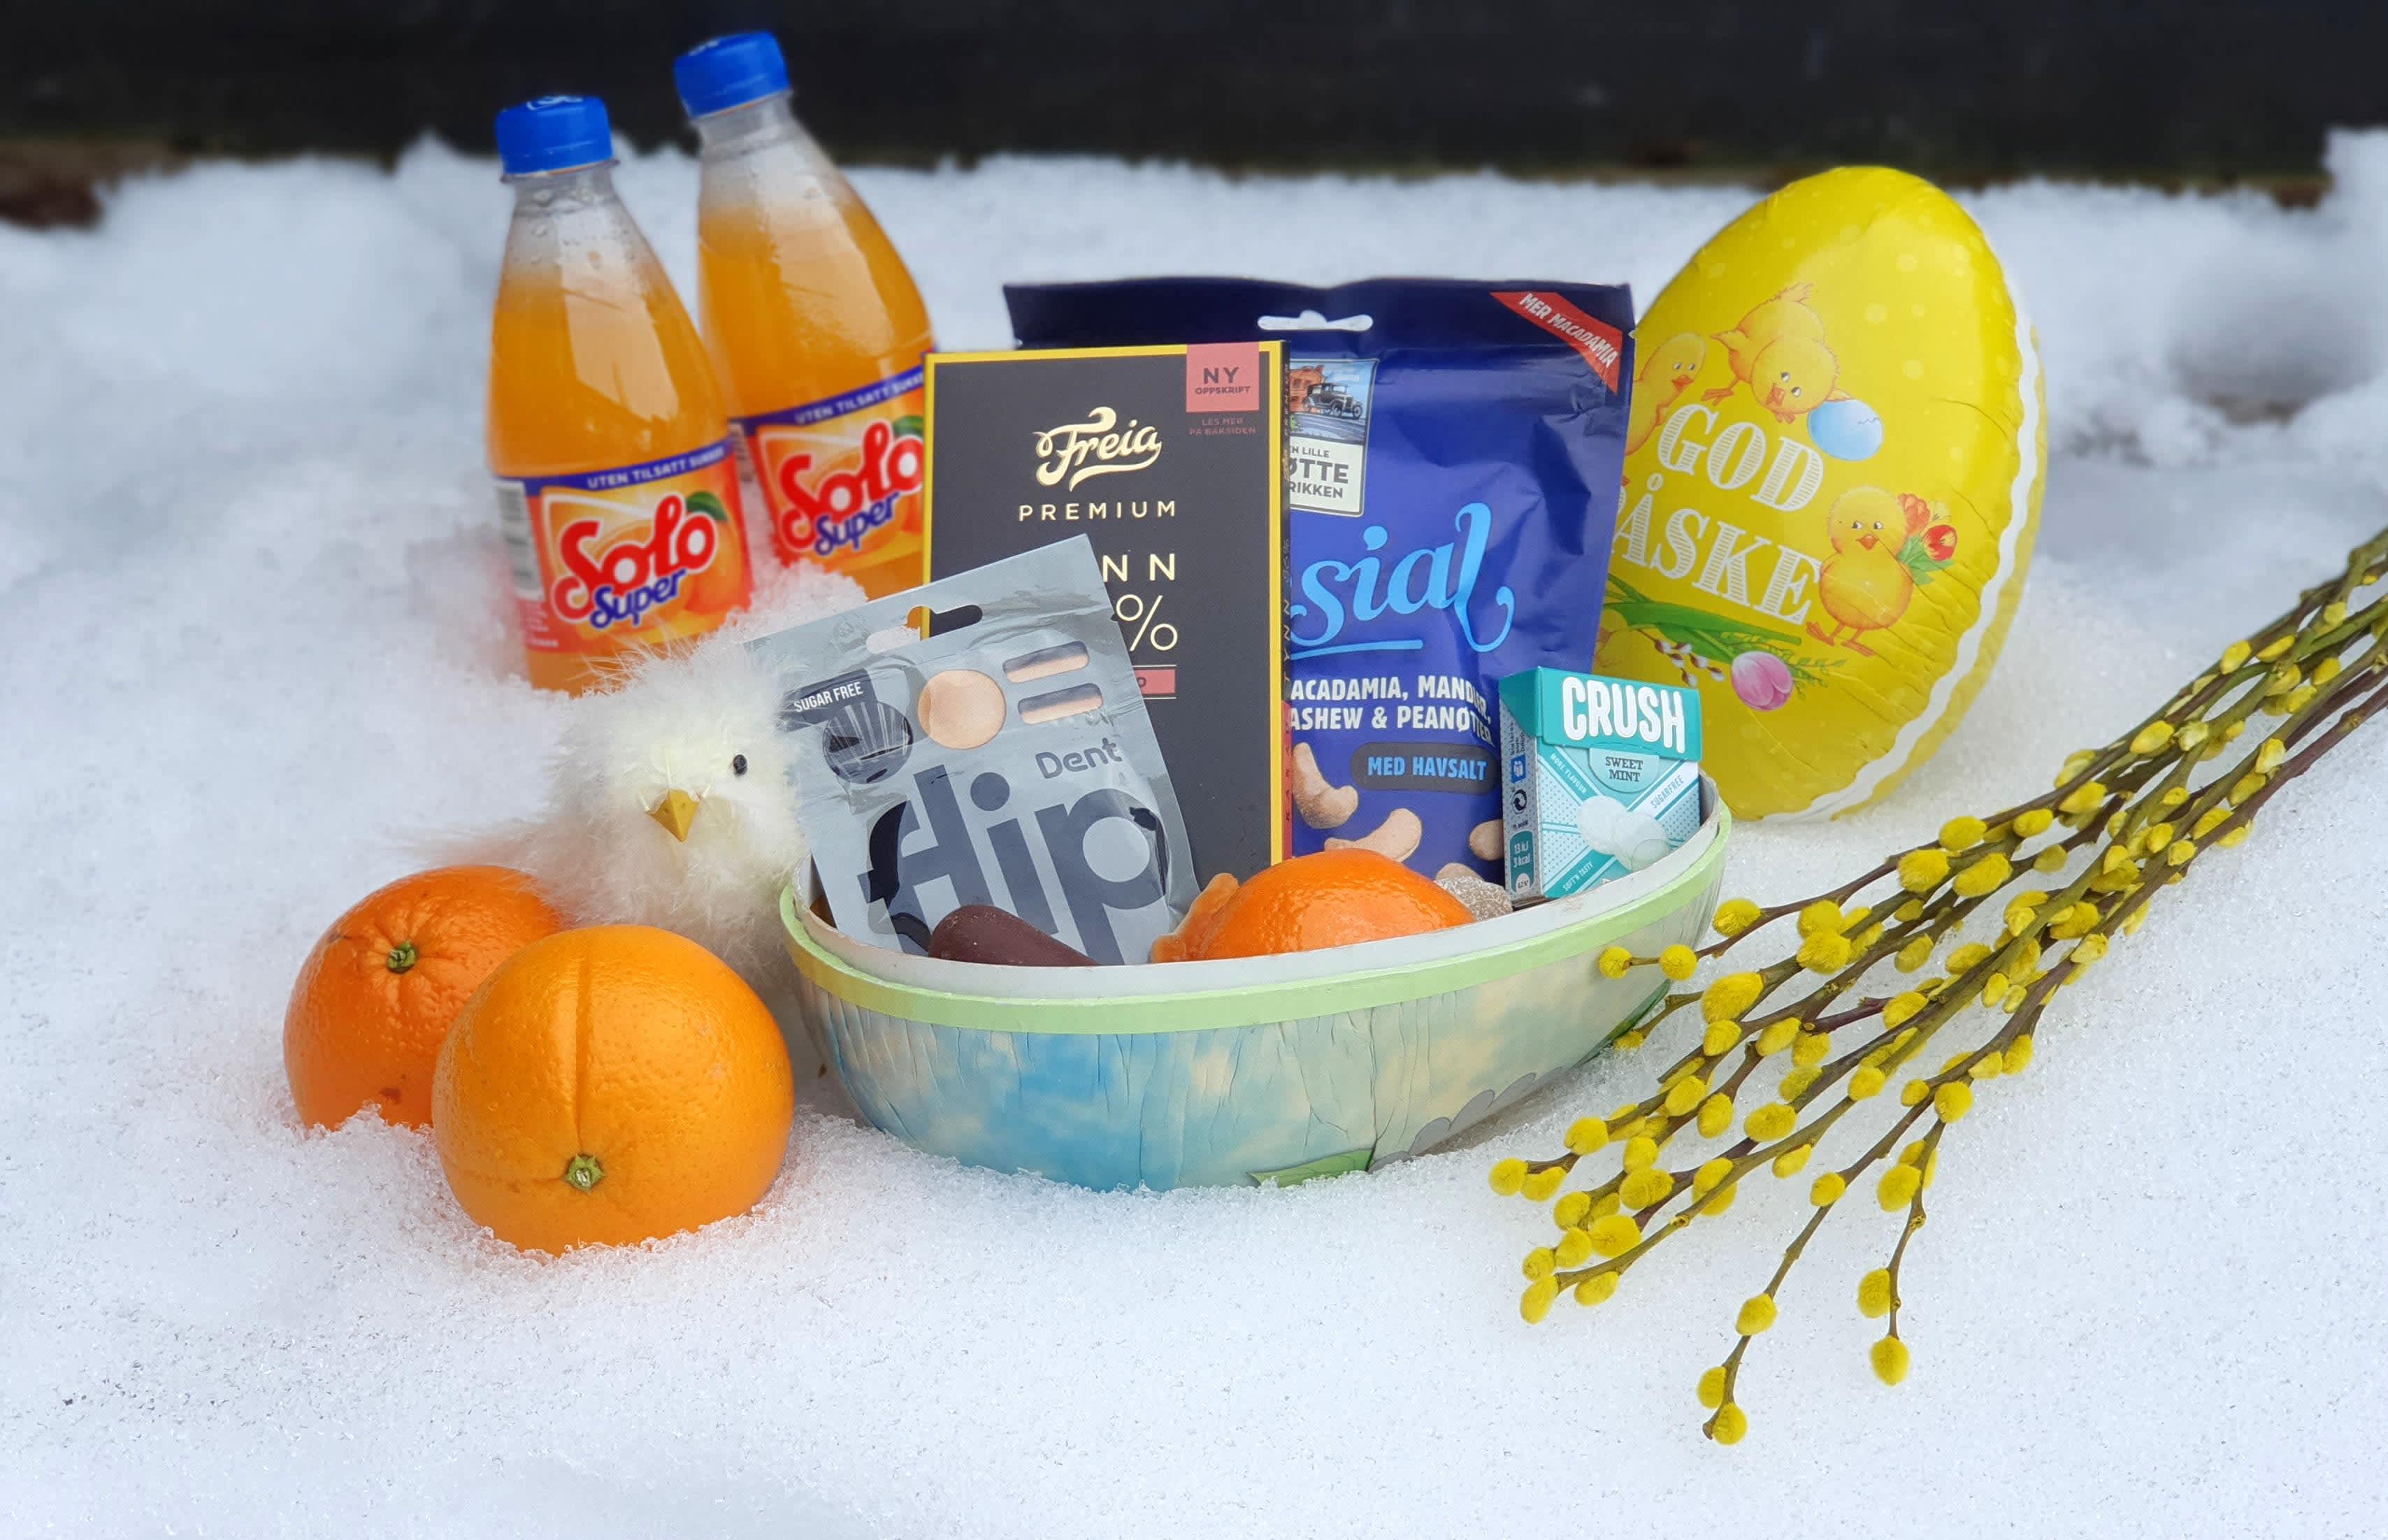 Sukkerfrie pastiller, nøtter og mørk sjokolade er fint å putte i påskeegget i tillegg til det du liker best av annet godteri.